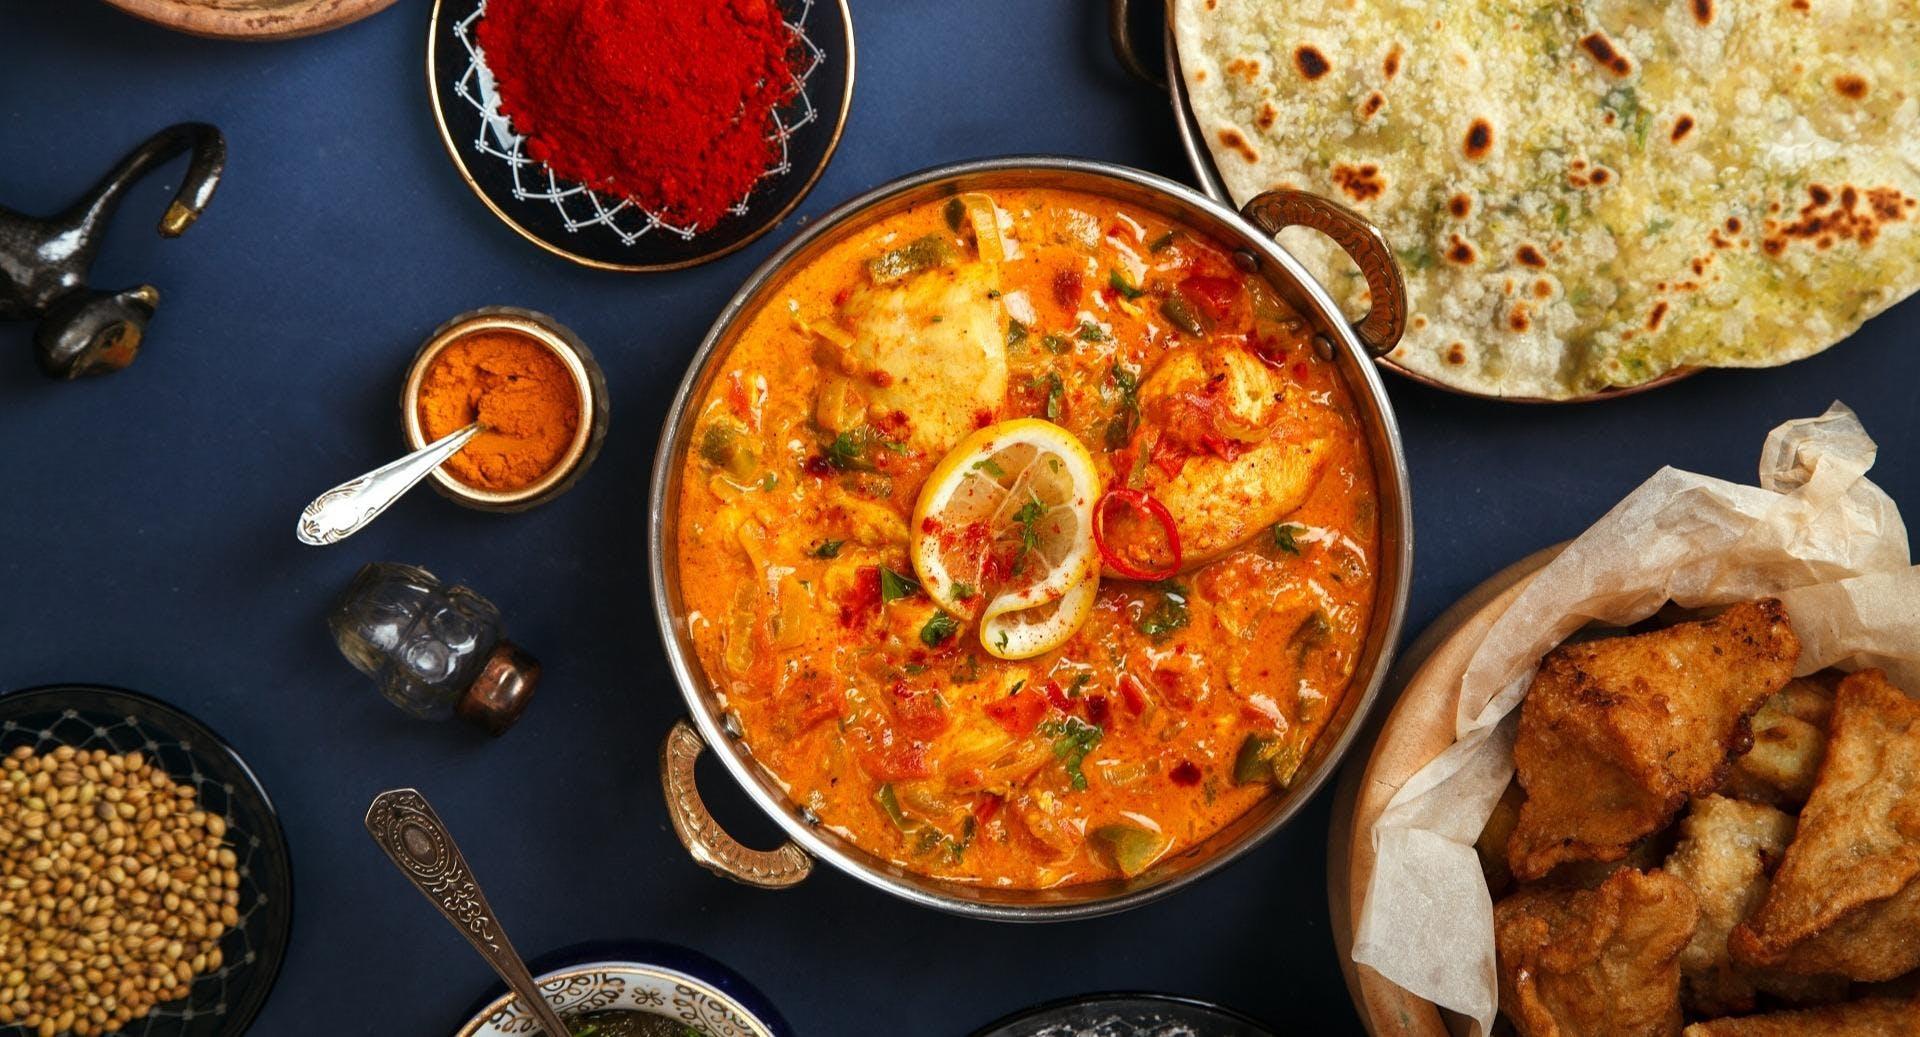 Aago Nepalesische Küche Bonn image 2